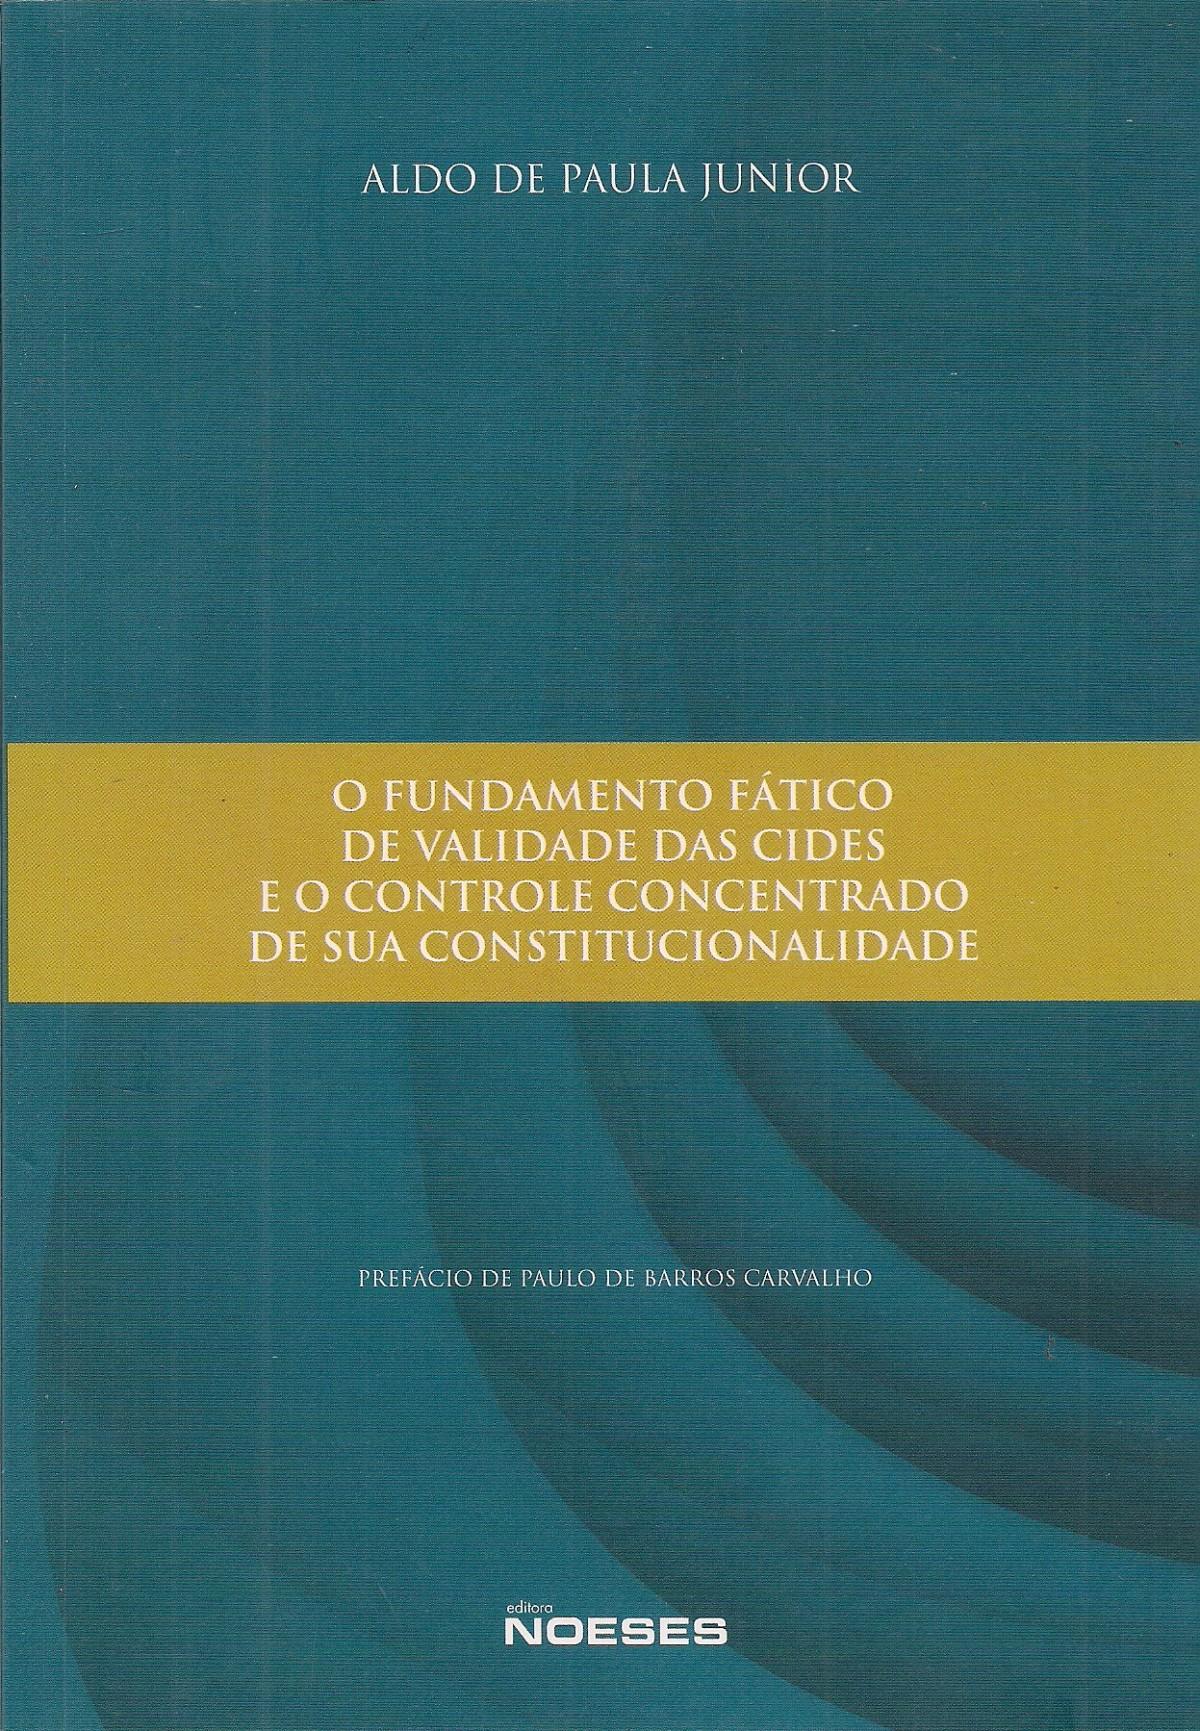 Foto 1 - O Fundamento Fático de Validade das Cides e o Controle Concentrado de sua Constitucionalidade